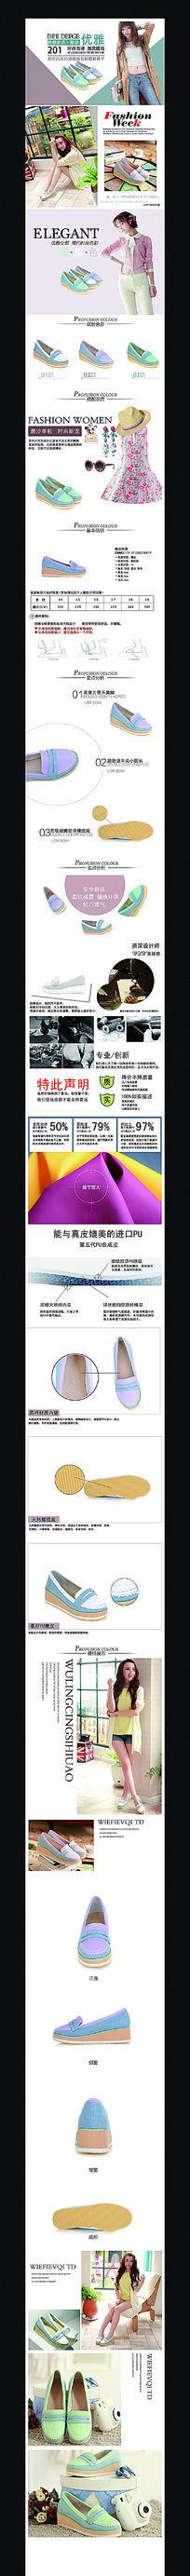 淘宝春季鞋子详情页模板